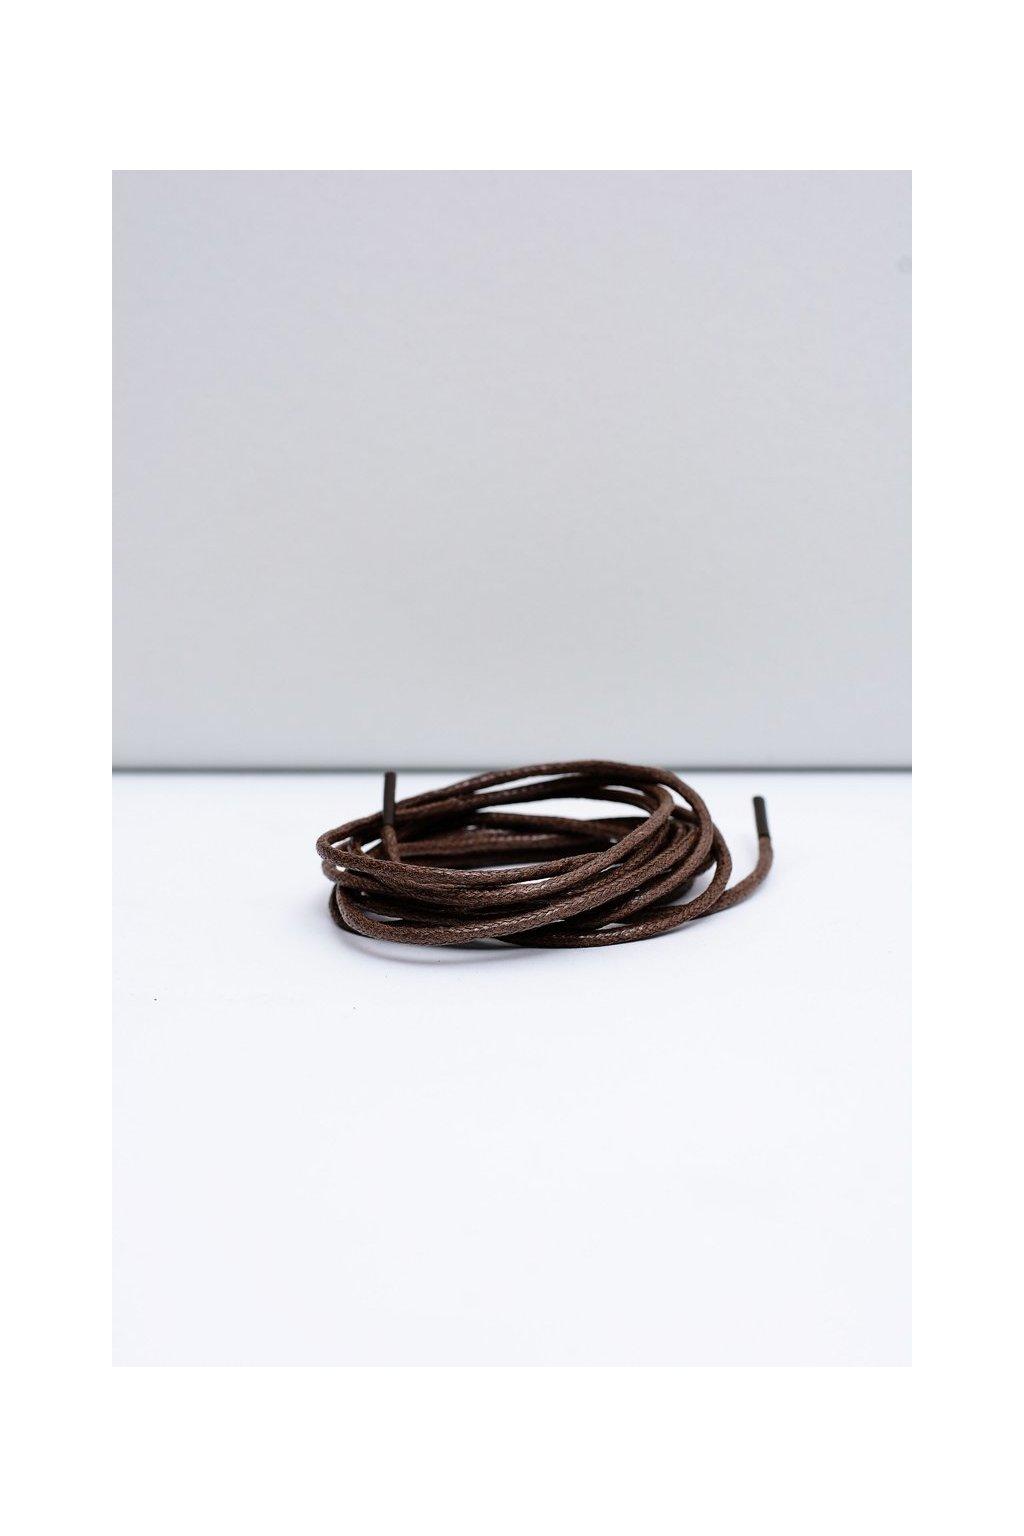 Šnúrky do topánok farba hnedá kód Okrągłe cienkie wosk ciemny brąz